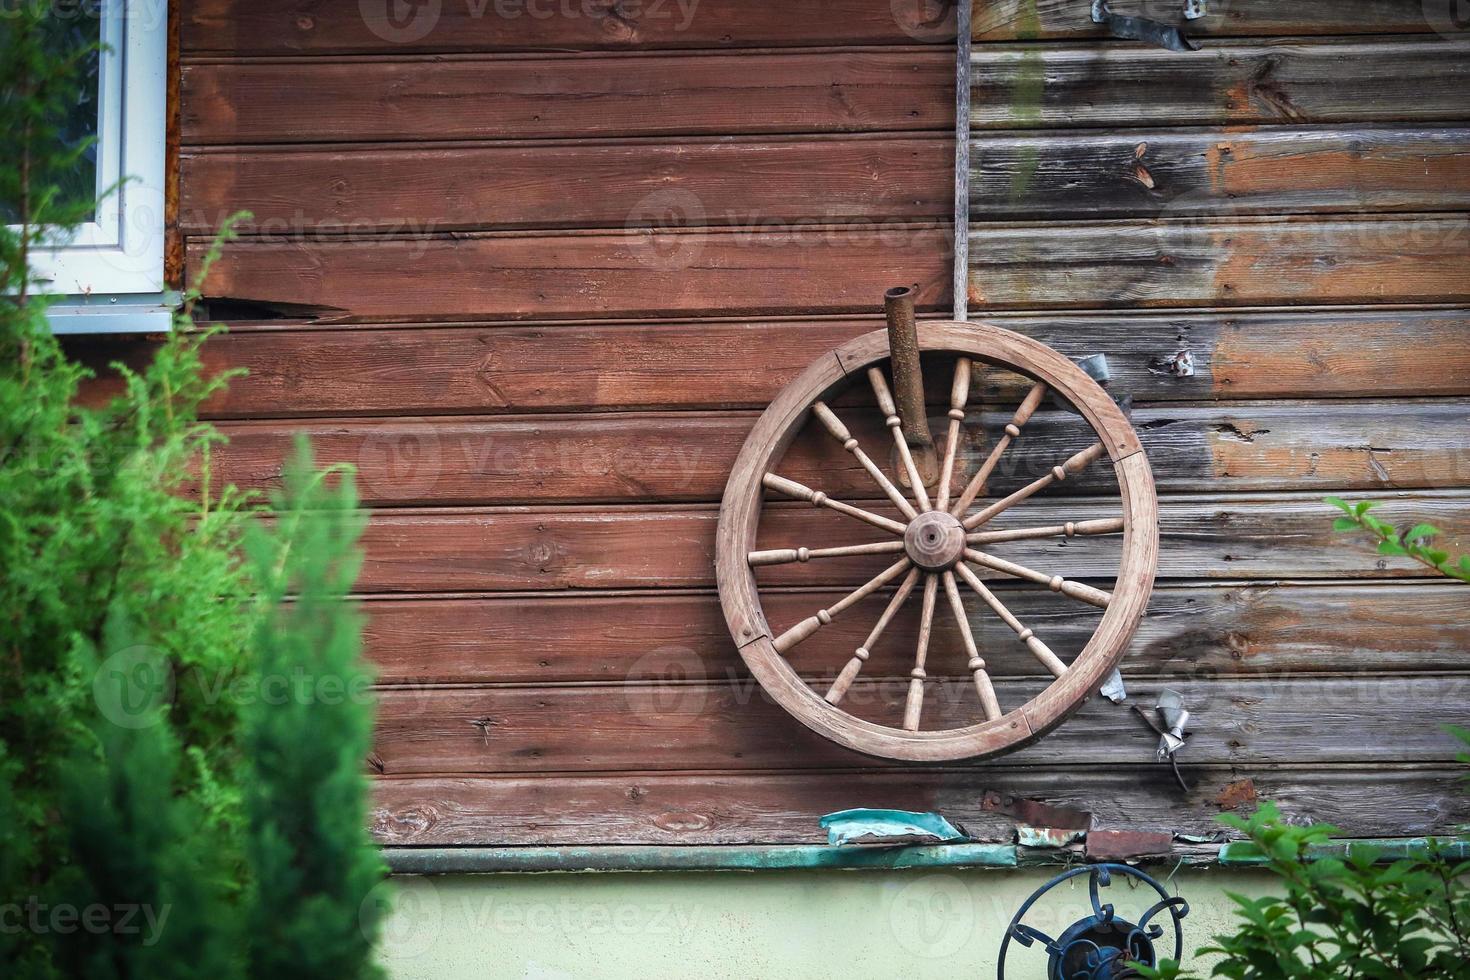 Grande vieille roue en bois accrochée au mur de planches de bois d'une maison rurale photo